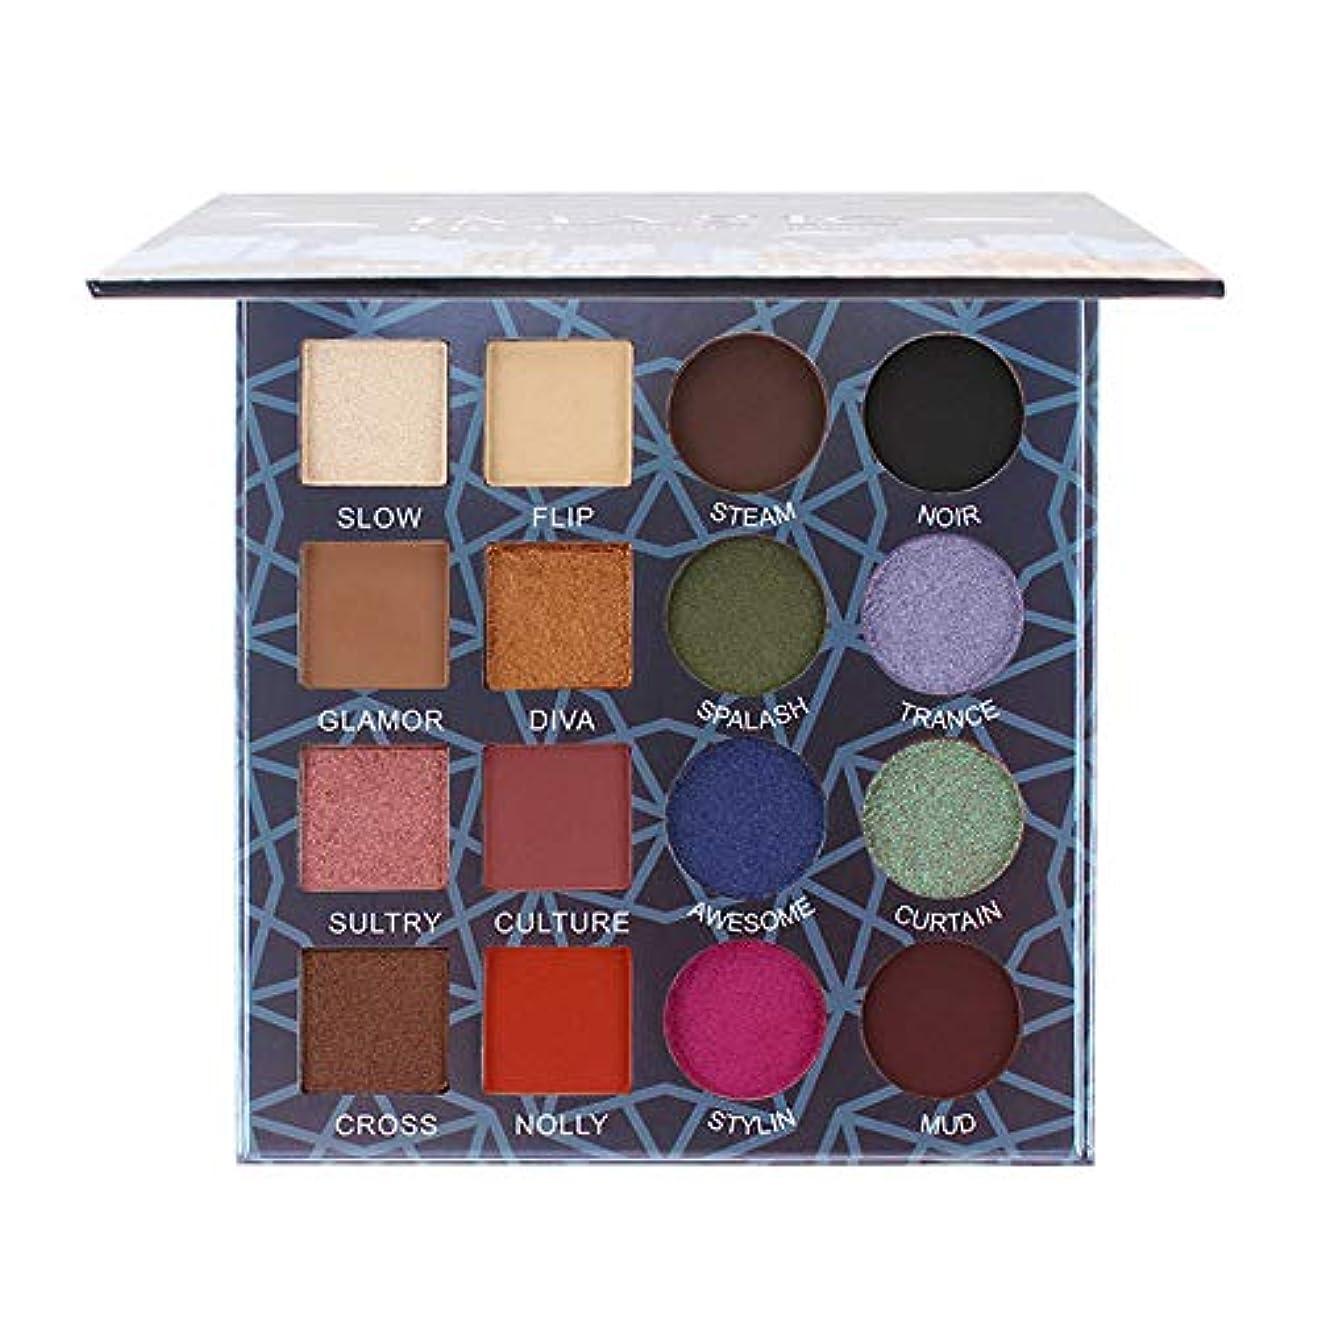 影響力のあるテセウスブルーム16色キラキラ輝くアイシャドープレートパウダーマットアイシャドー化粧品メイクアップ